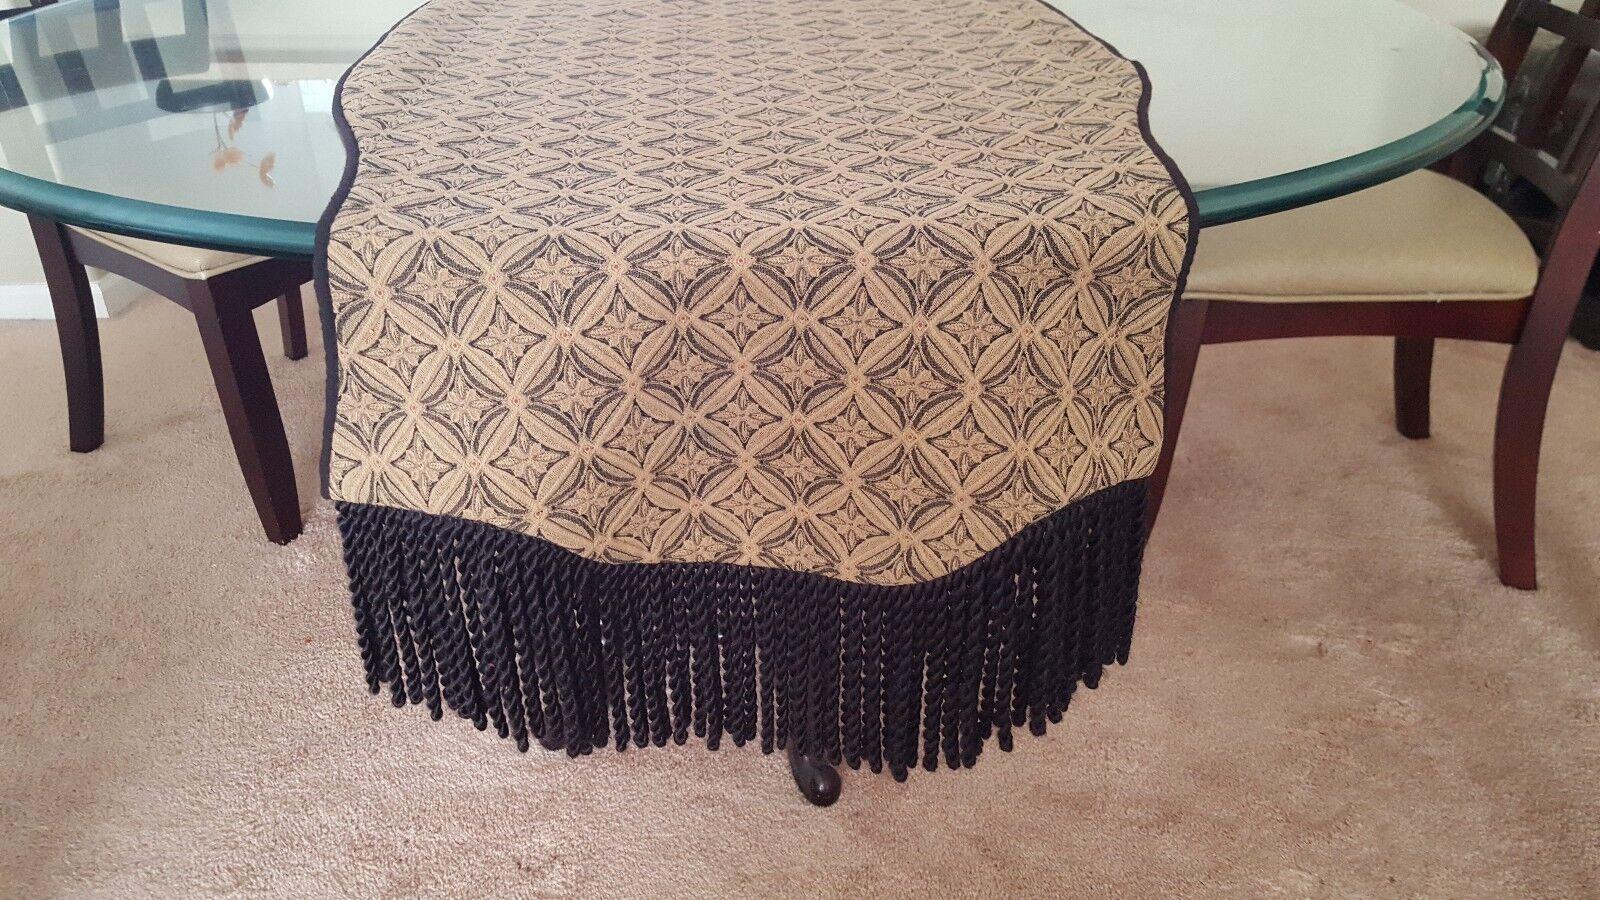 62 (environ 157.48 cm) Table Runner style classique avec Brosse à Frange Décoration